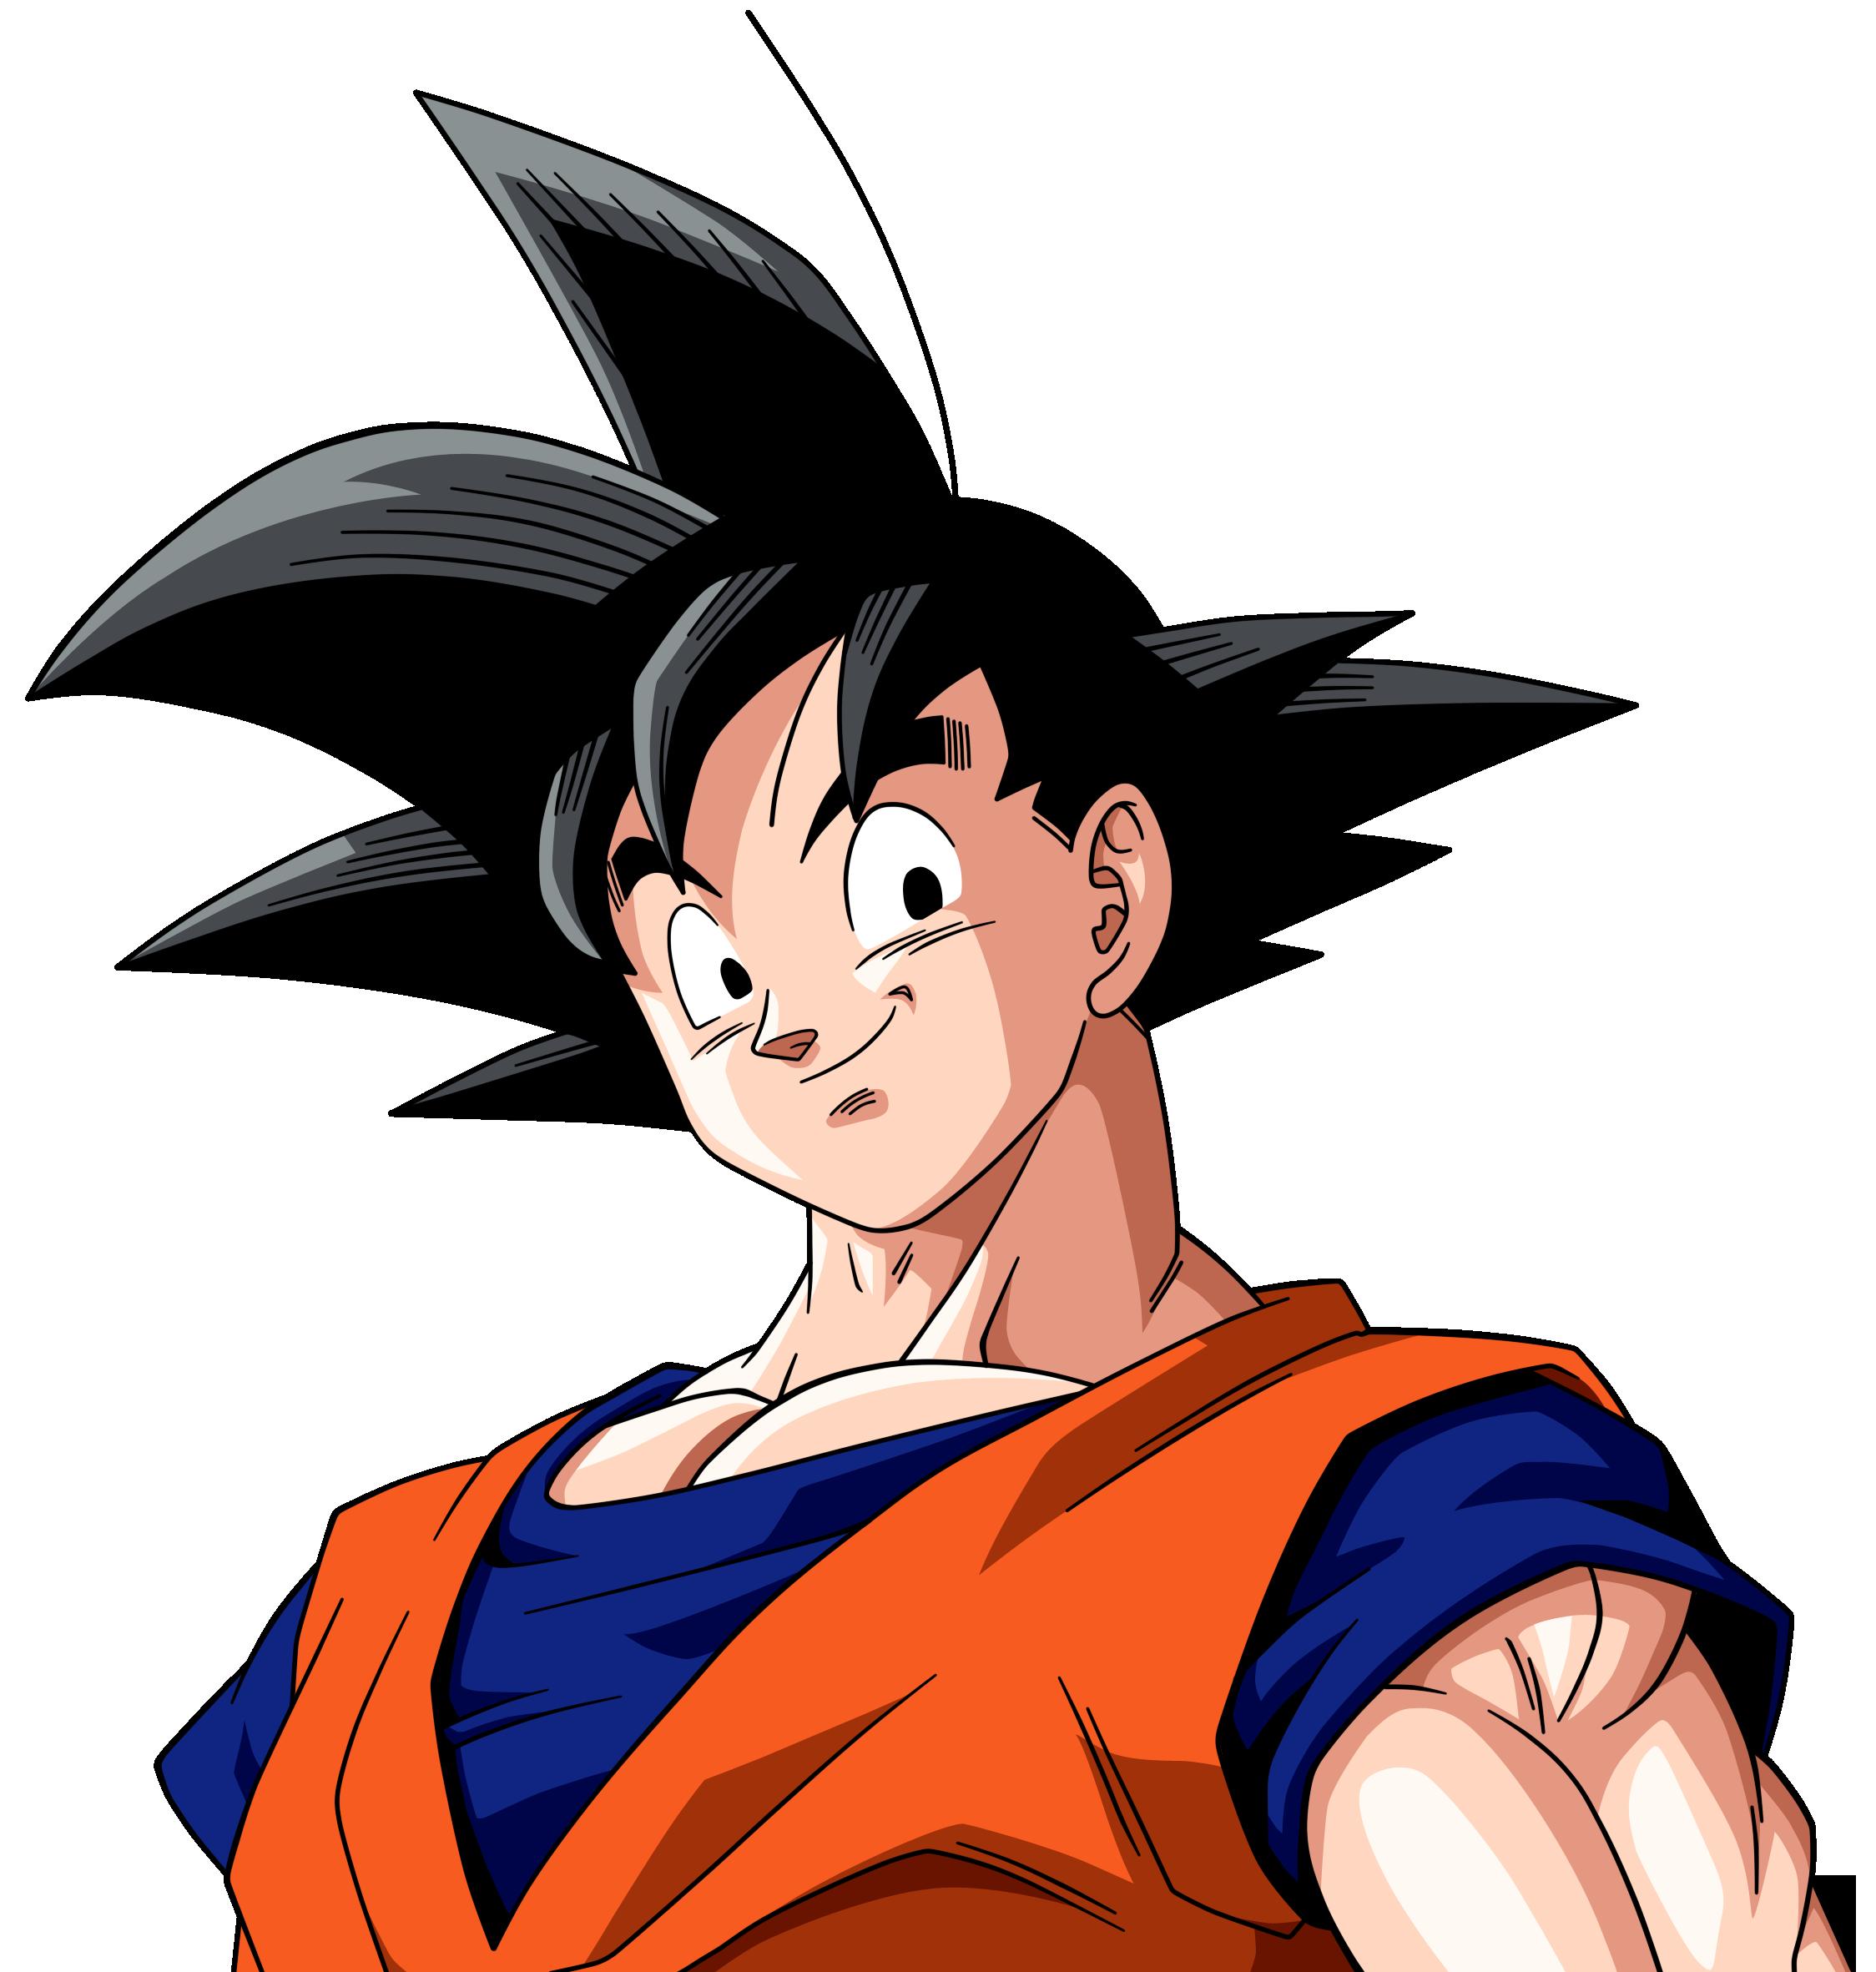 Personagens De Animes E Mangás Que As Pessoas Mais